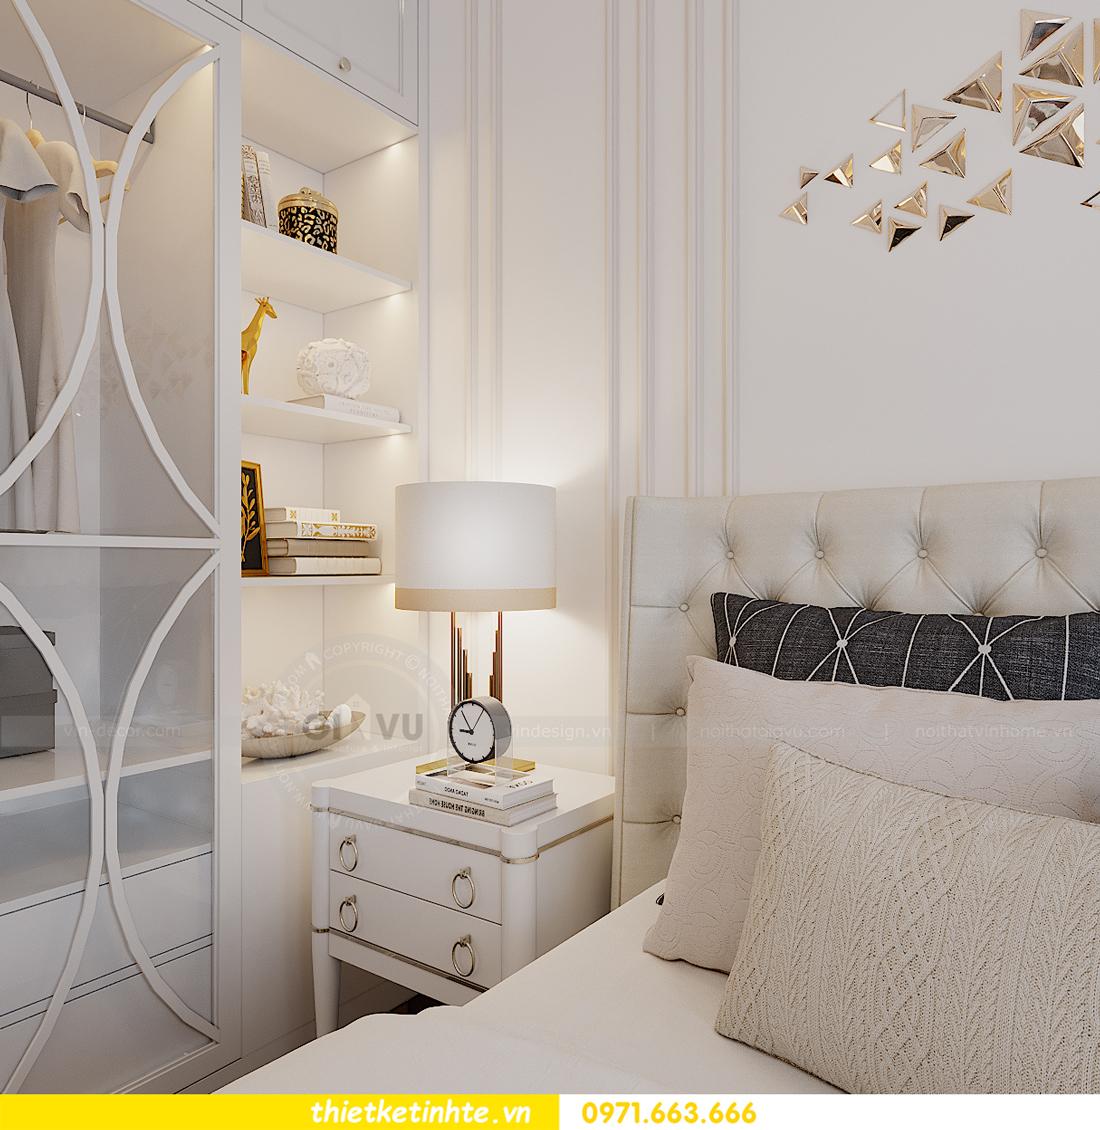 Thiết kế nội thất biệt thự Sao Biển 02-29 Ocean Park căn 90m2 20